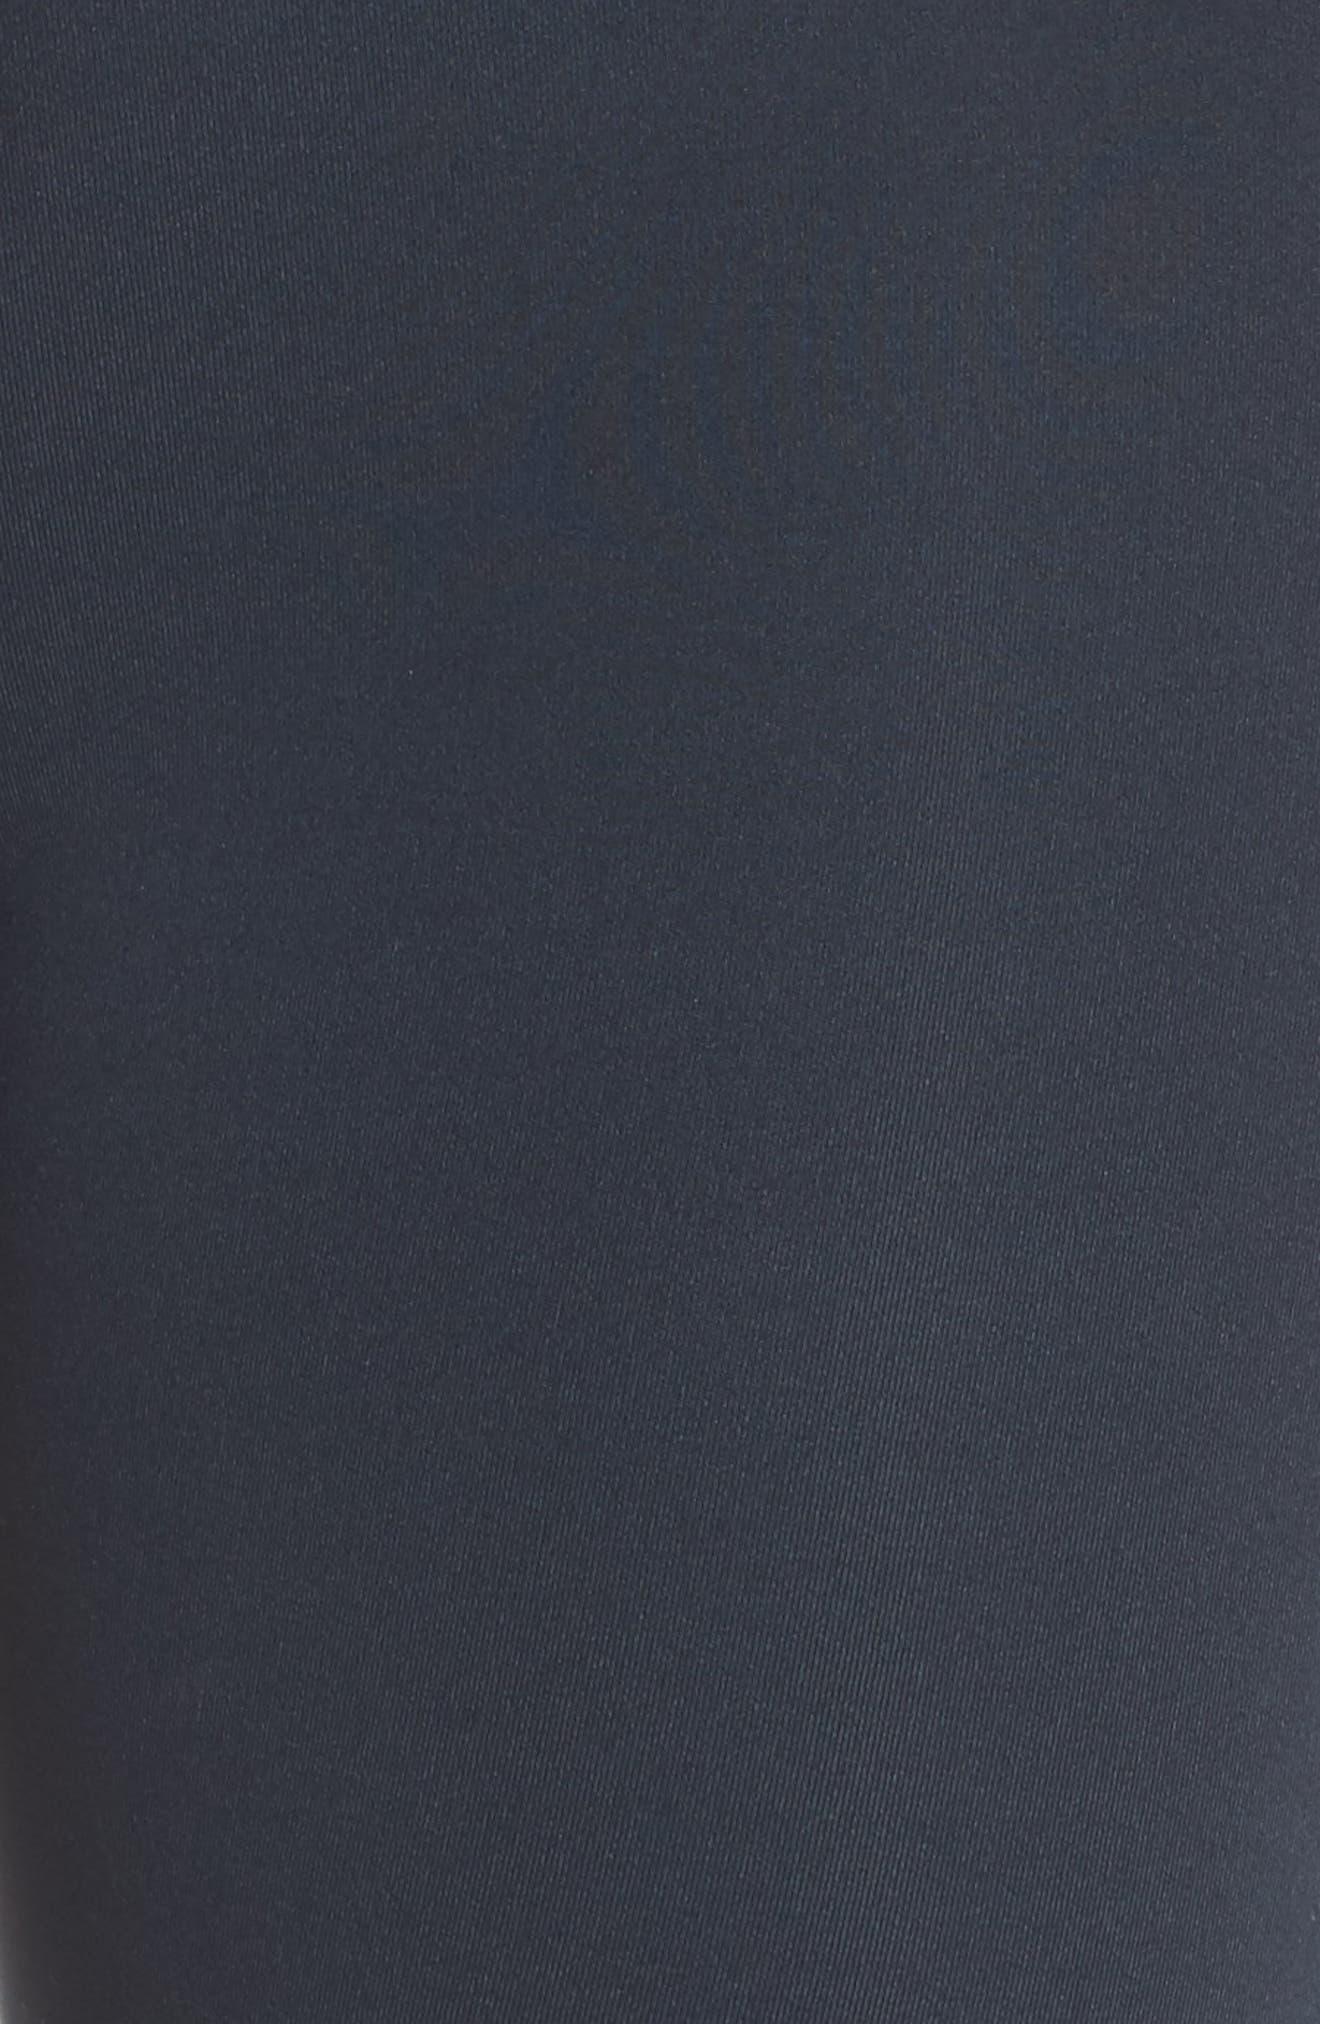 Colorblock Matte Midi Pants,                             Alternate thumbnail 6, color,                             INDIGO/ PALE BLUE